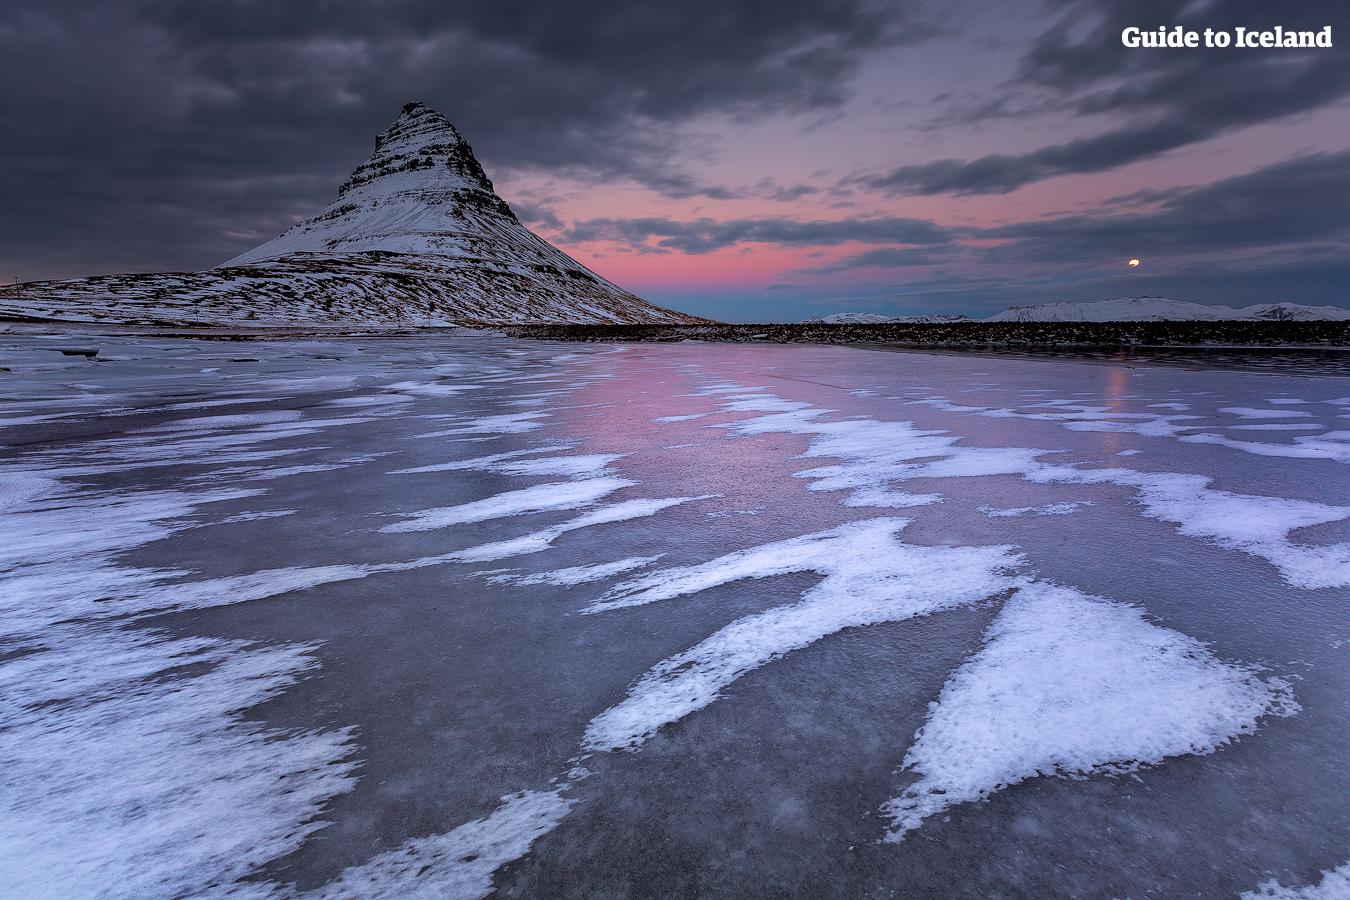 Kirkjufell, betekent in het Nederlands 'Kerkberg', en is 463 meter hoog.